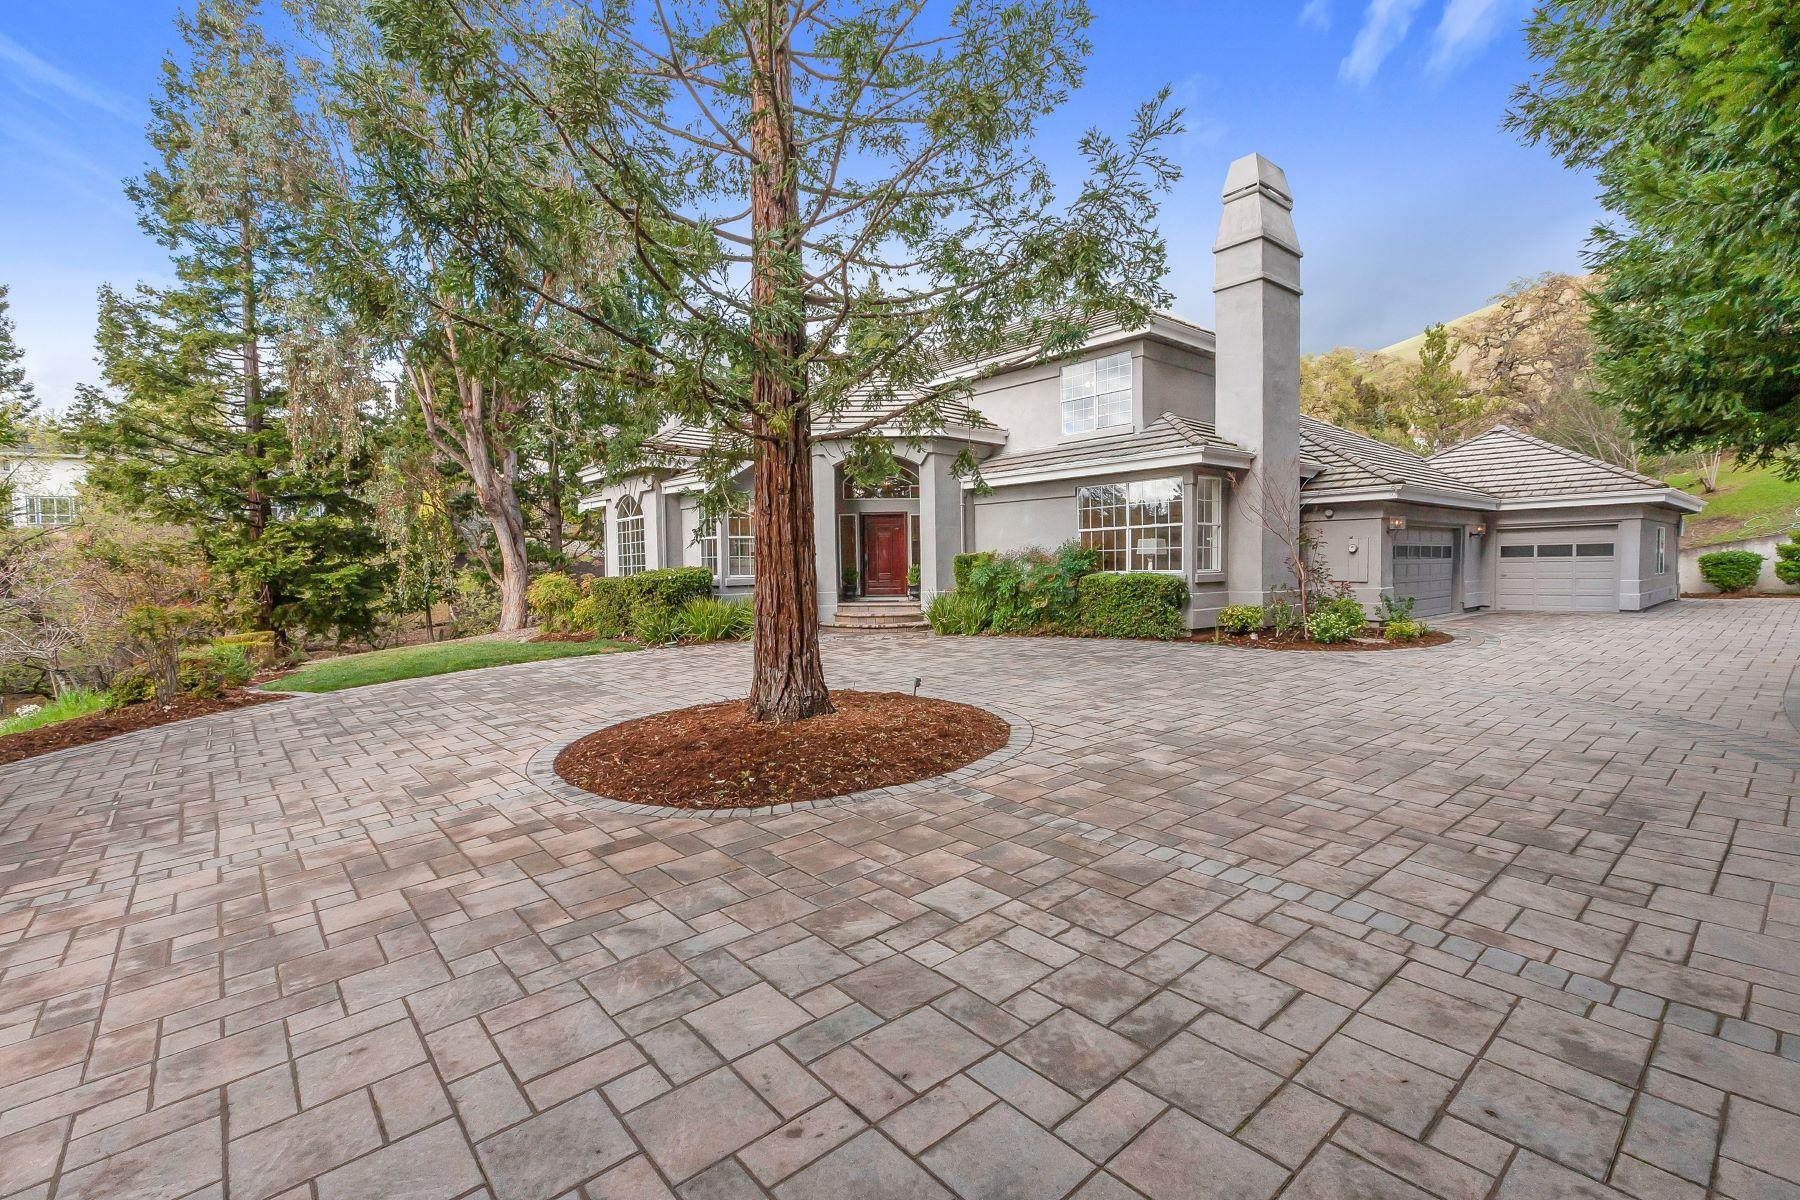 Single Family Homes para Venda às Incredible Private Setting 2704 Caballo Ranchero Drive, Diablo, Califórnia 94528 Estados Unidos